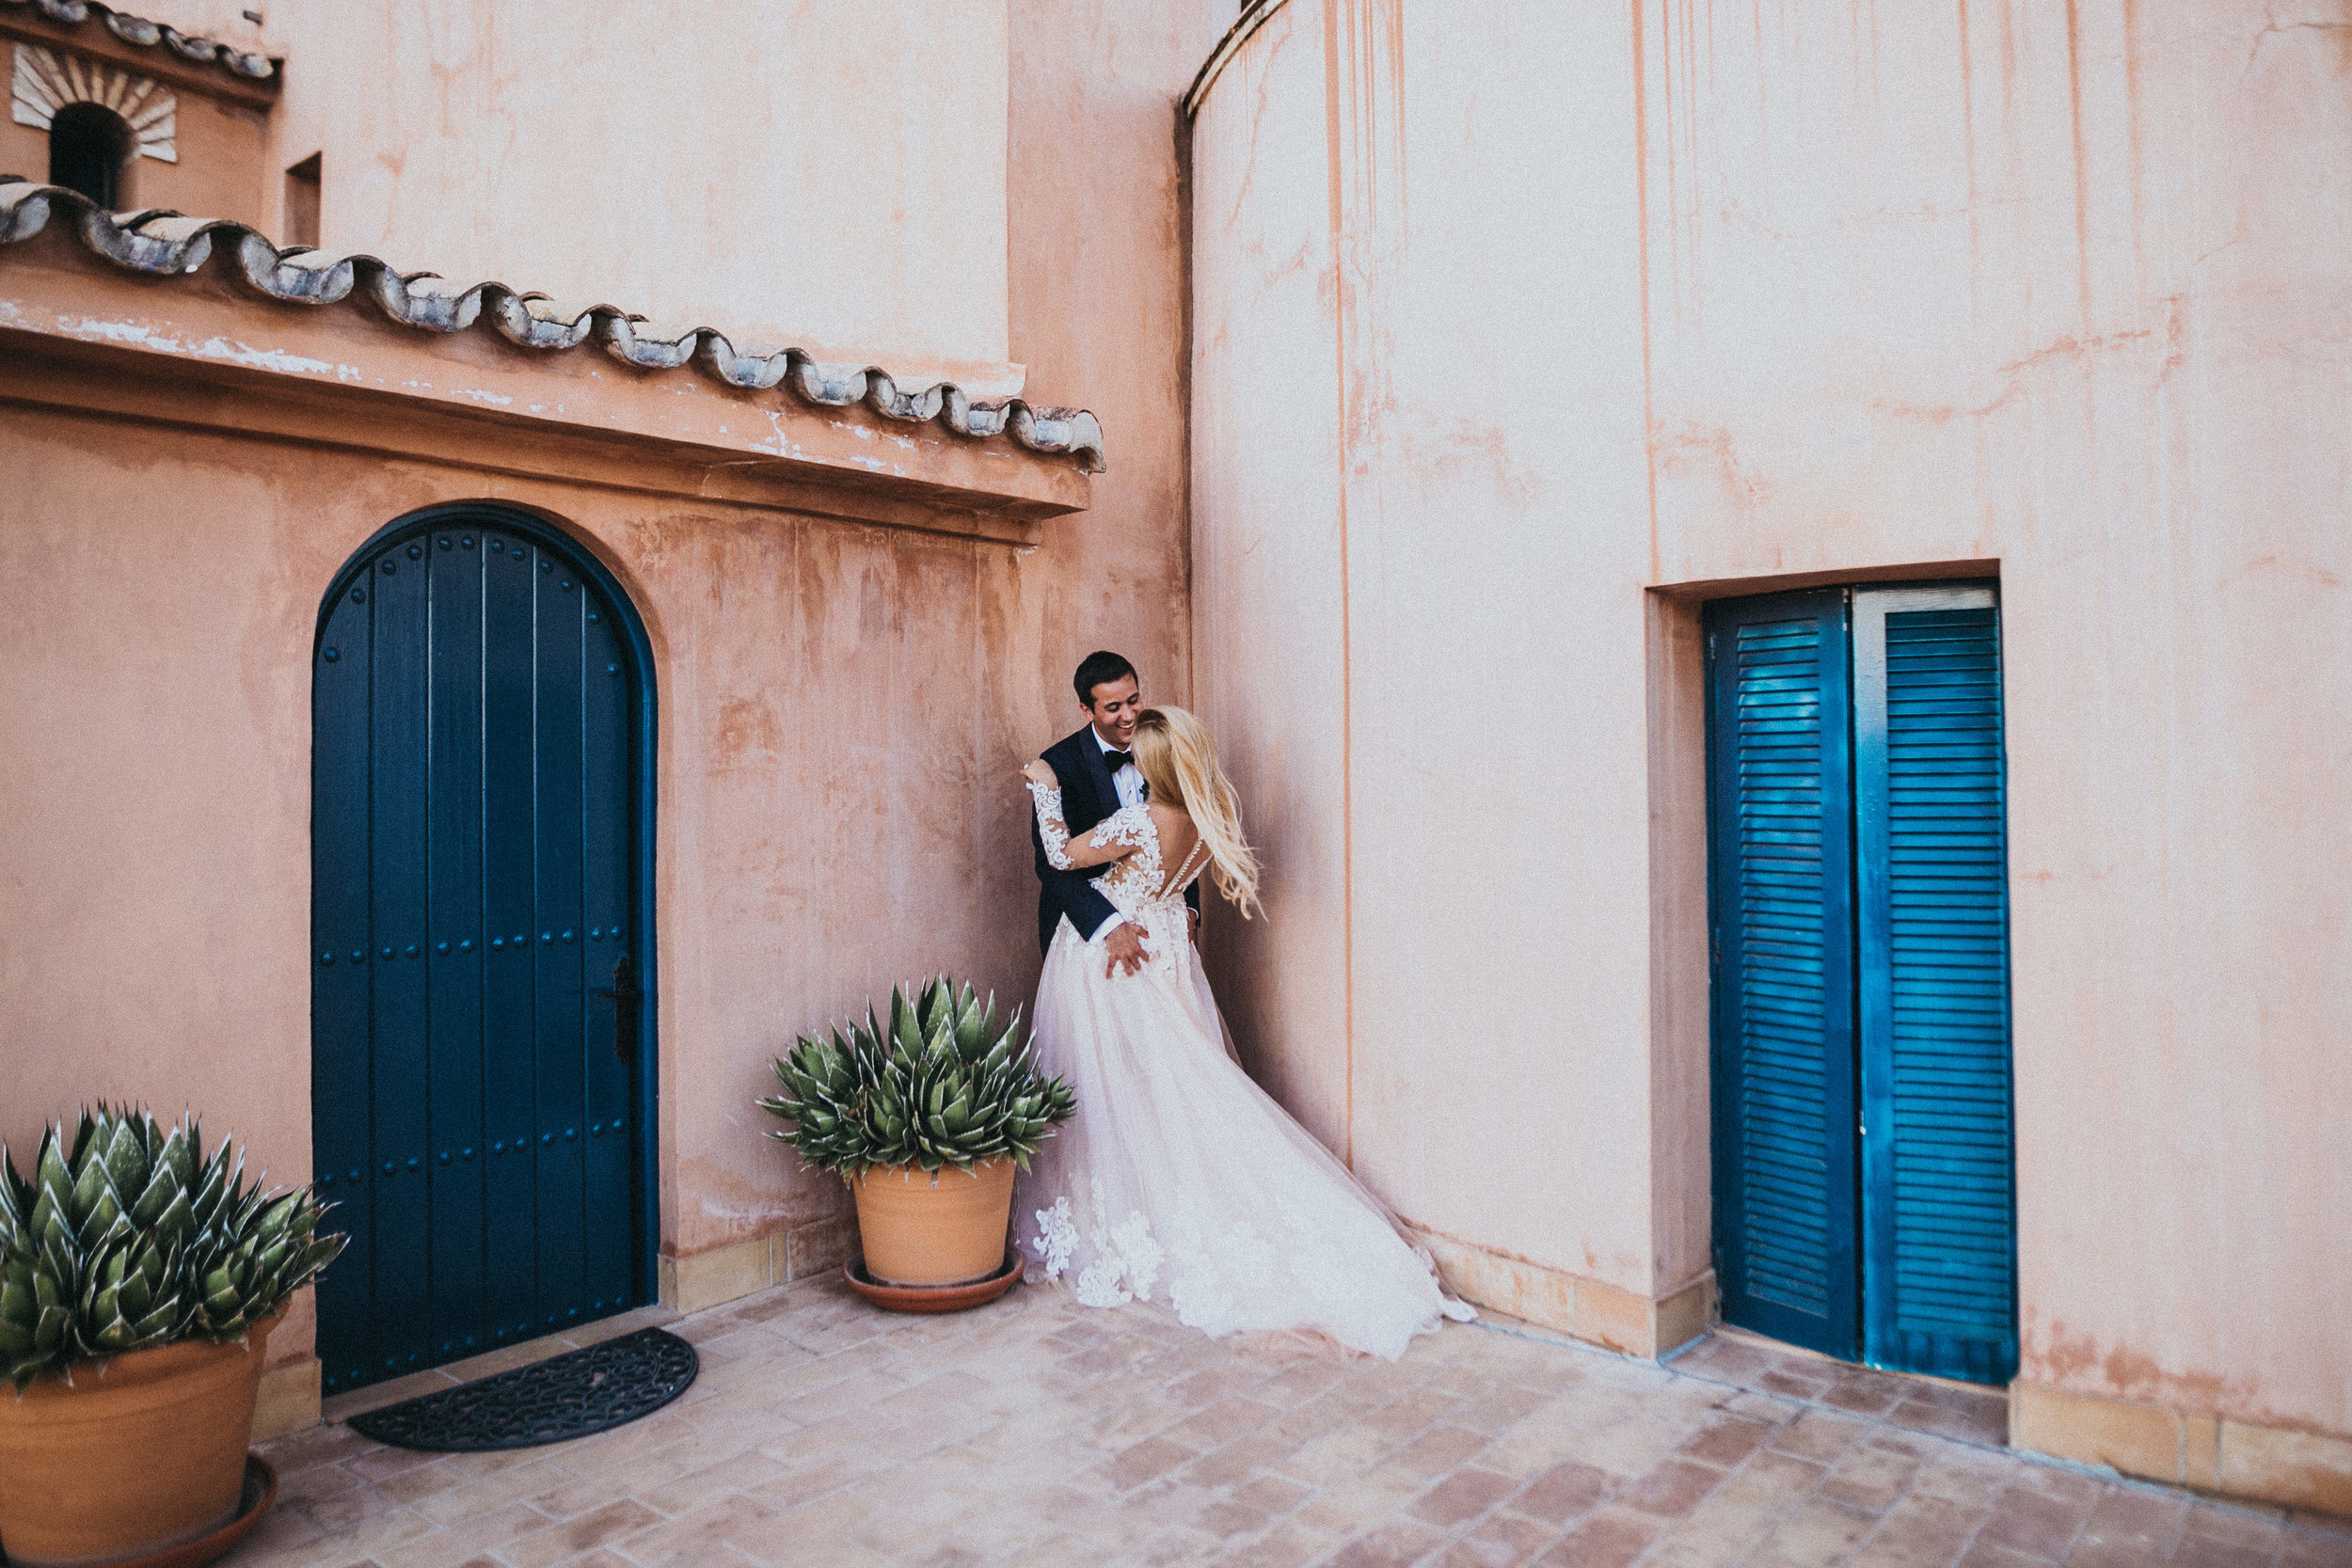 Fotografo de bodas españa serafin castillo wedding photographer spain 022.jpg